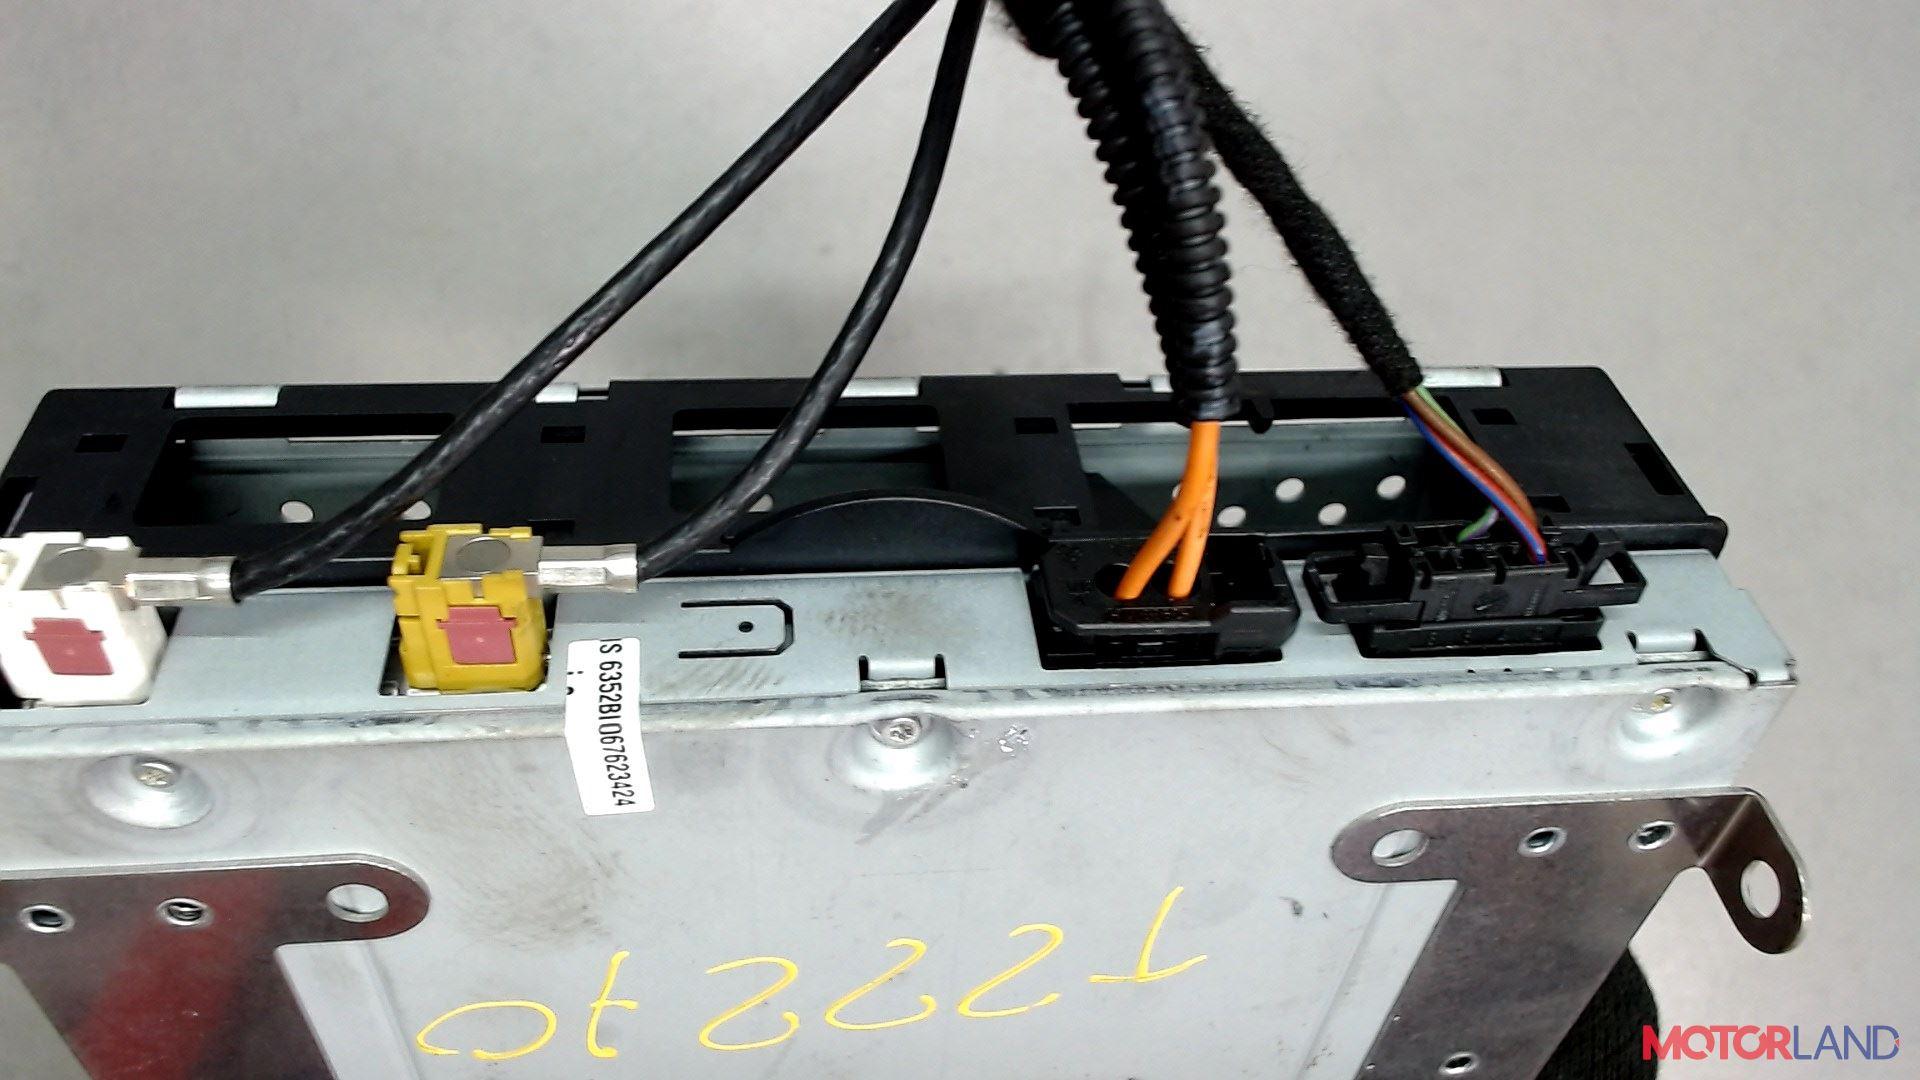 Блок управления (ЭБУ) Audi A6 (C6) 2005-2011 3.2 л. 2006 AUK б/у #4